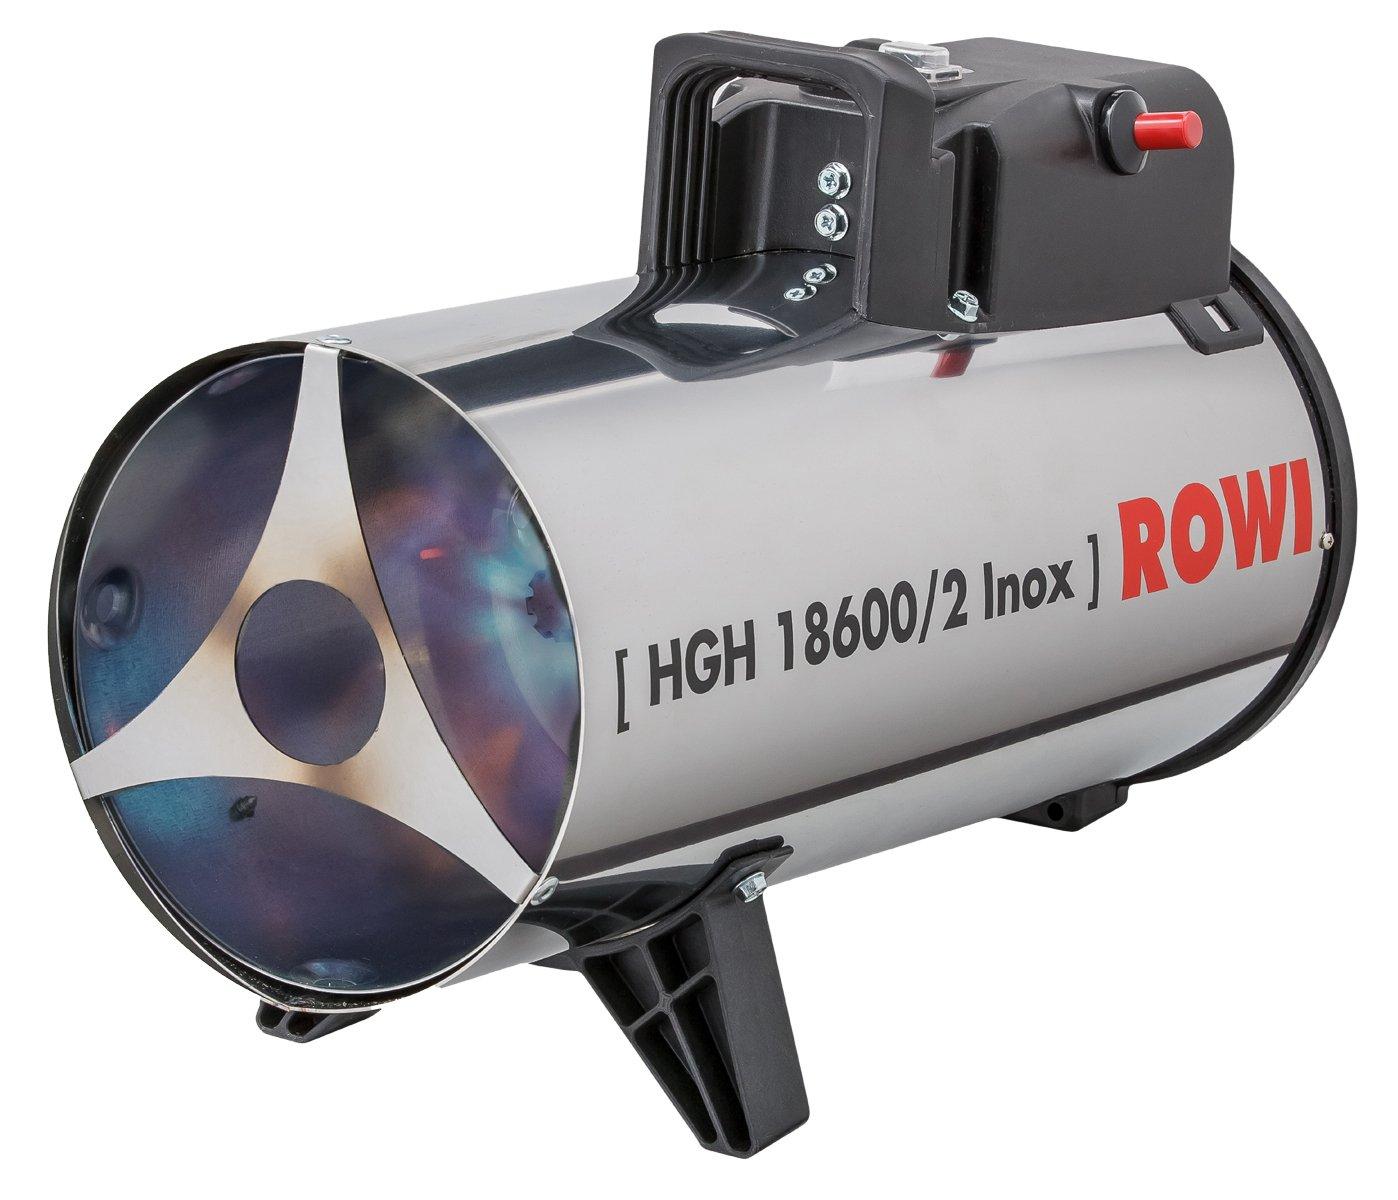 Rowi Gas Heizgebläse 18,6 kW, HGH 18600/2 Inox 1 03 02 0033  BaumarktÜberprüfung und weitere Informationen